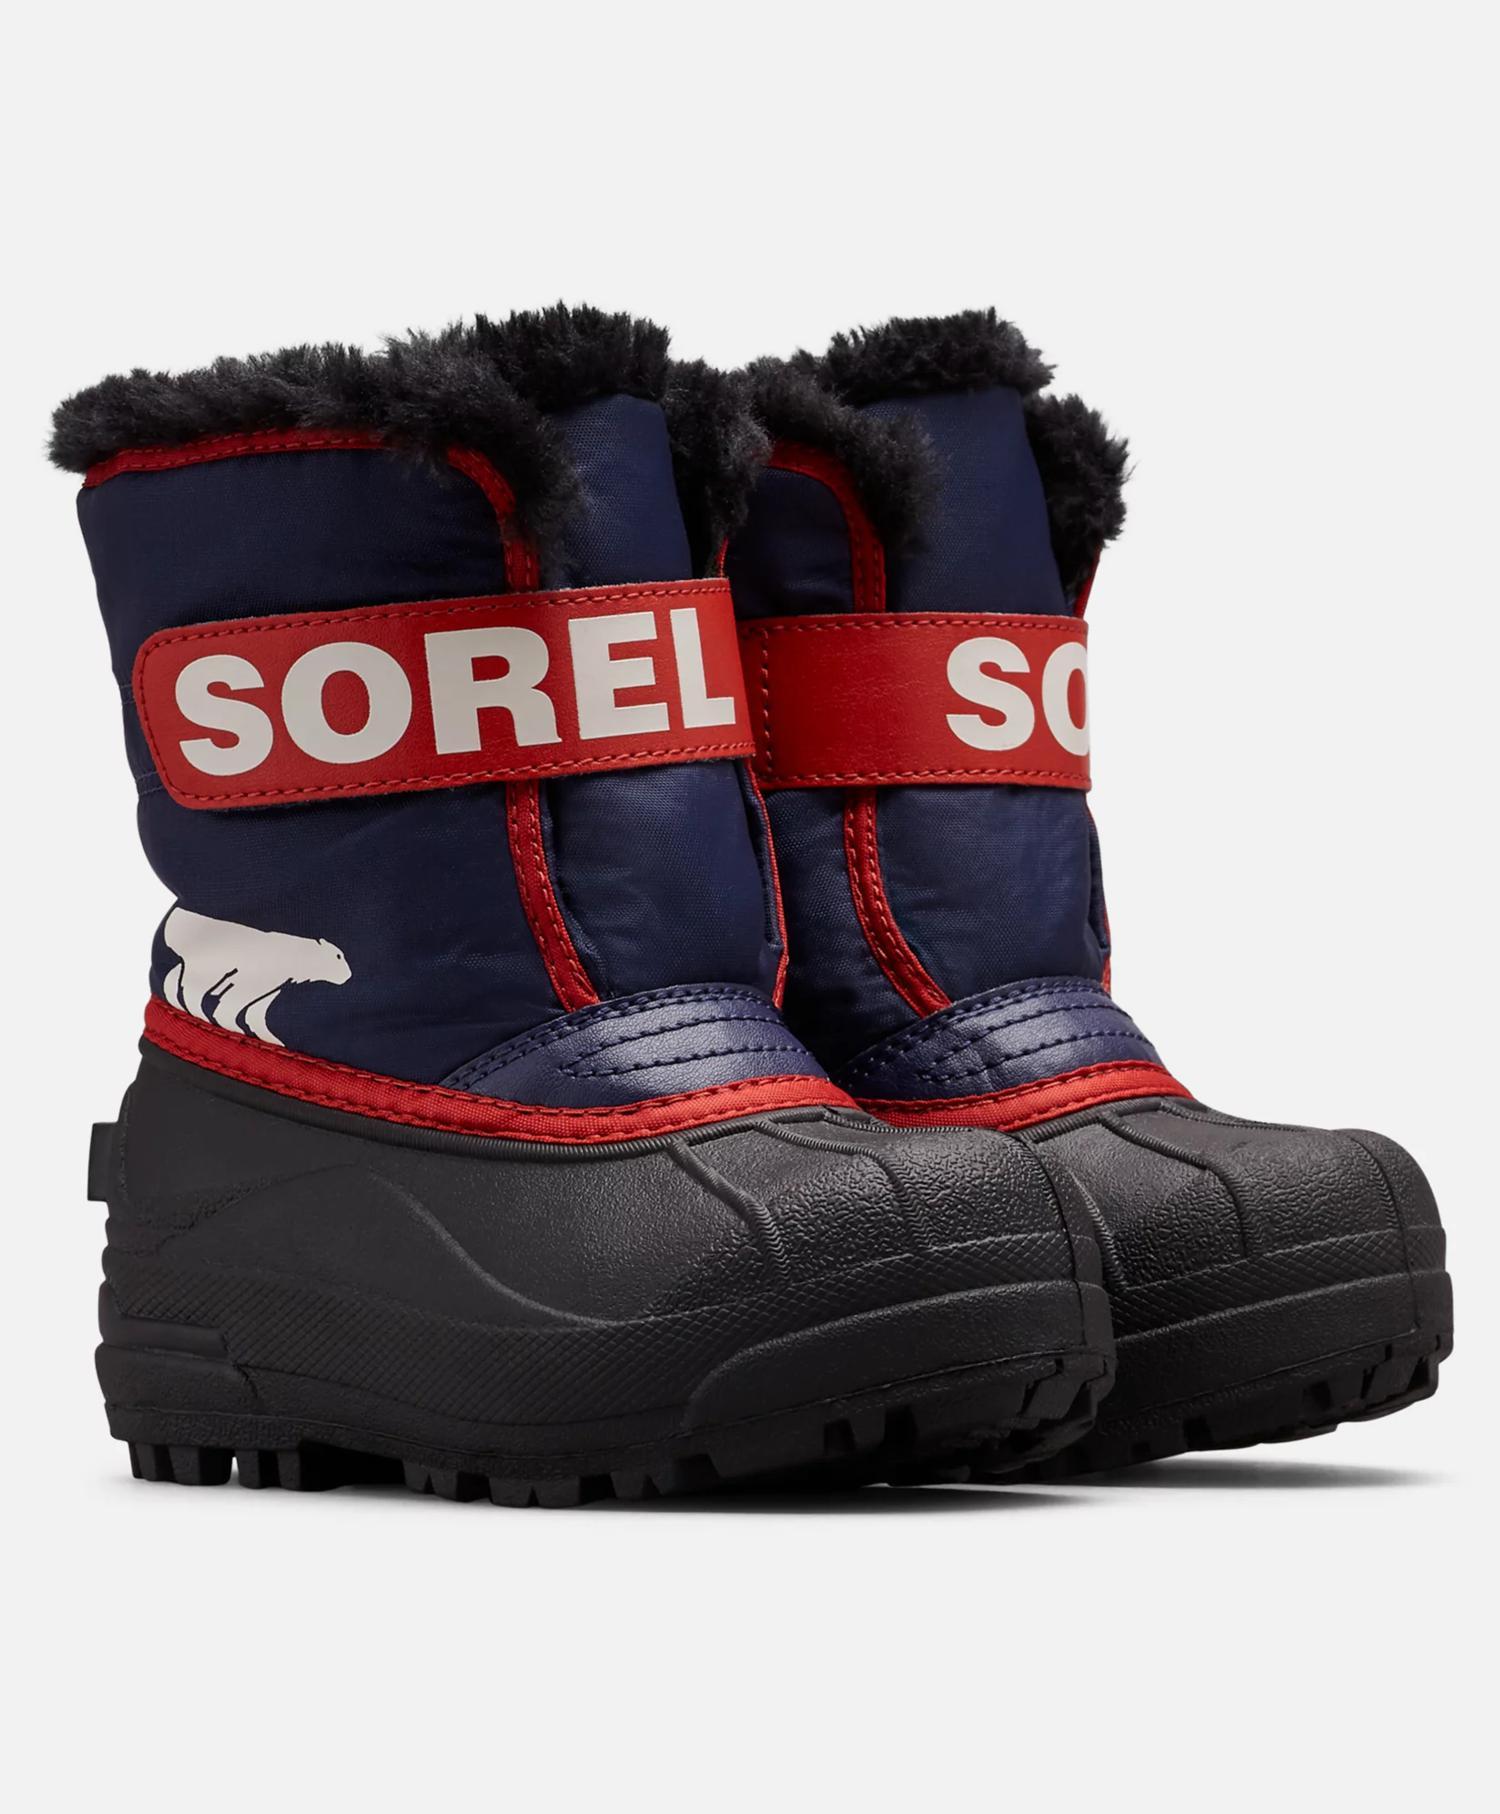 Sorel Snow Comander